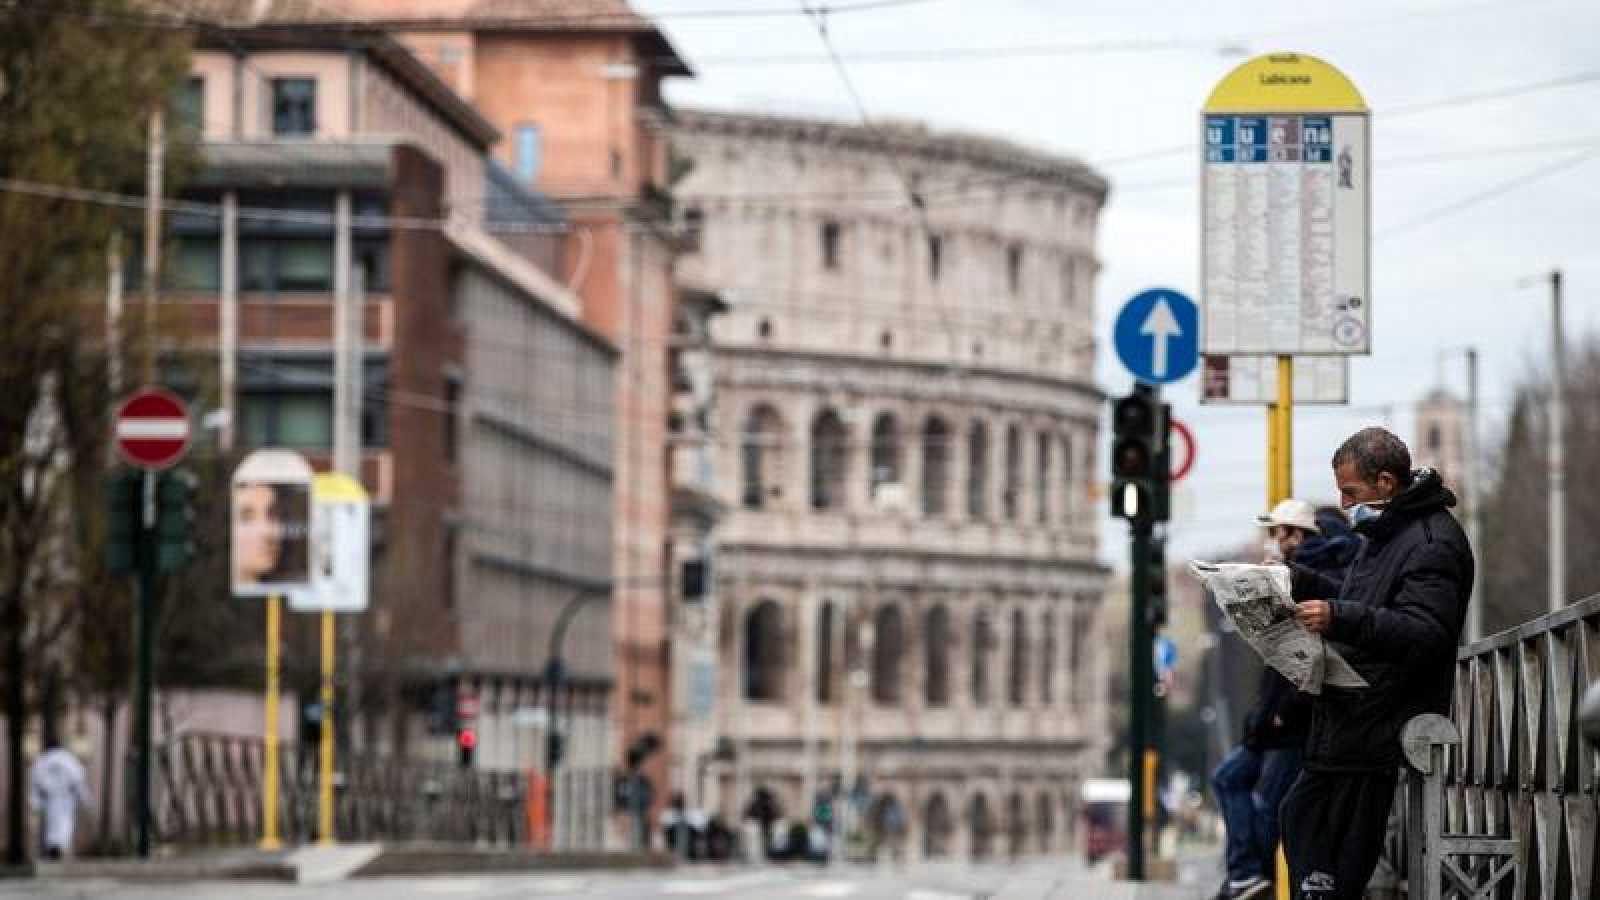 Imagen de Roma durante el confinamiento por el coronavirus